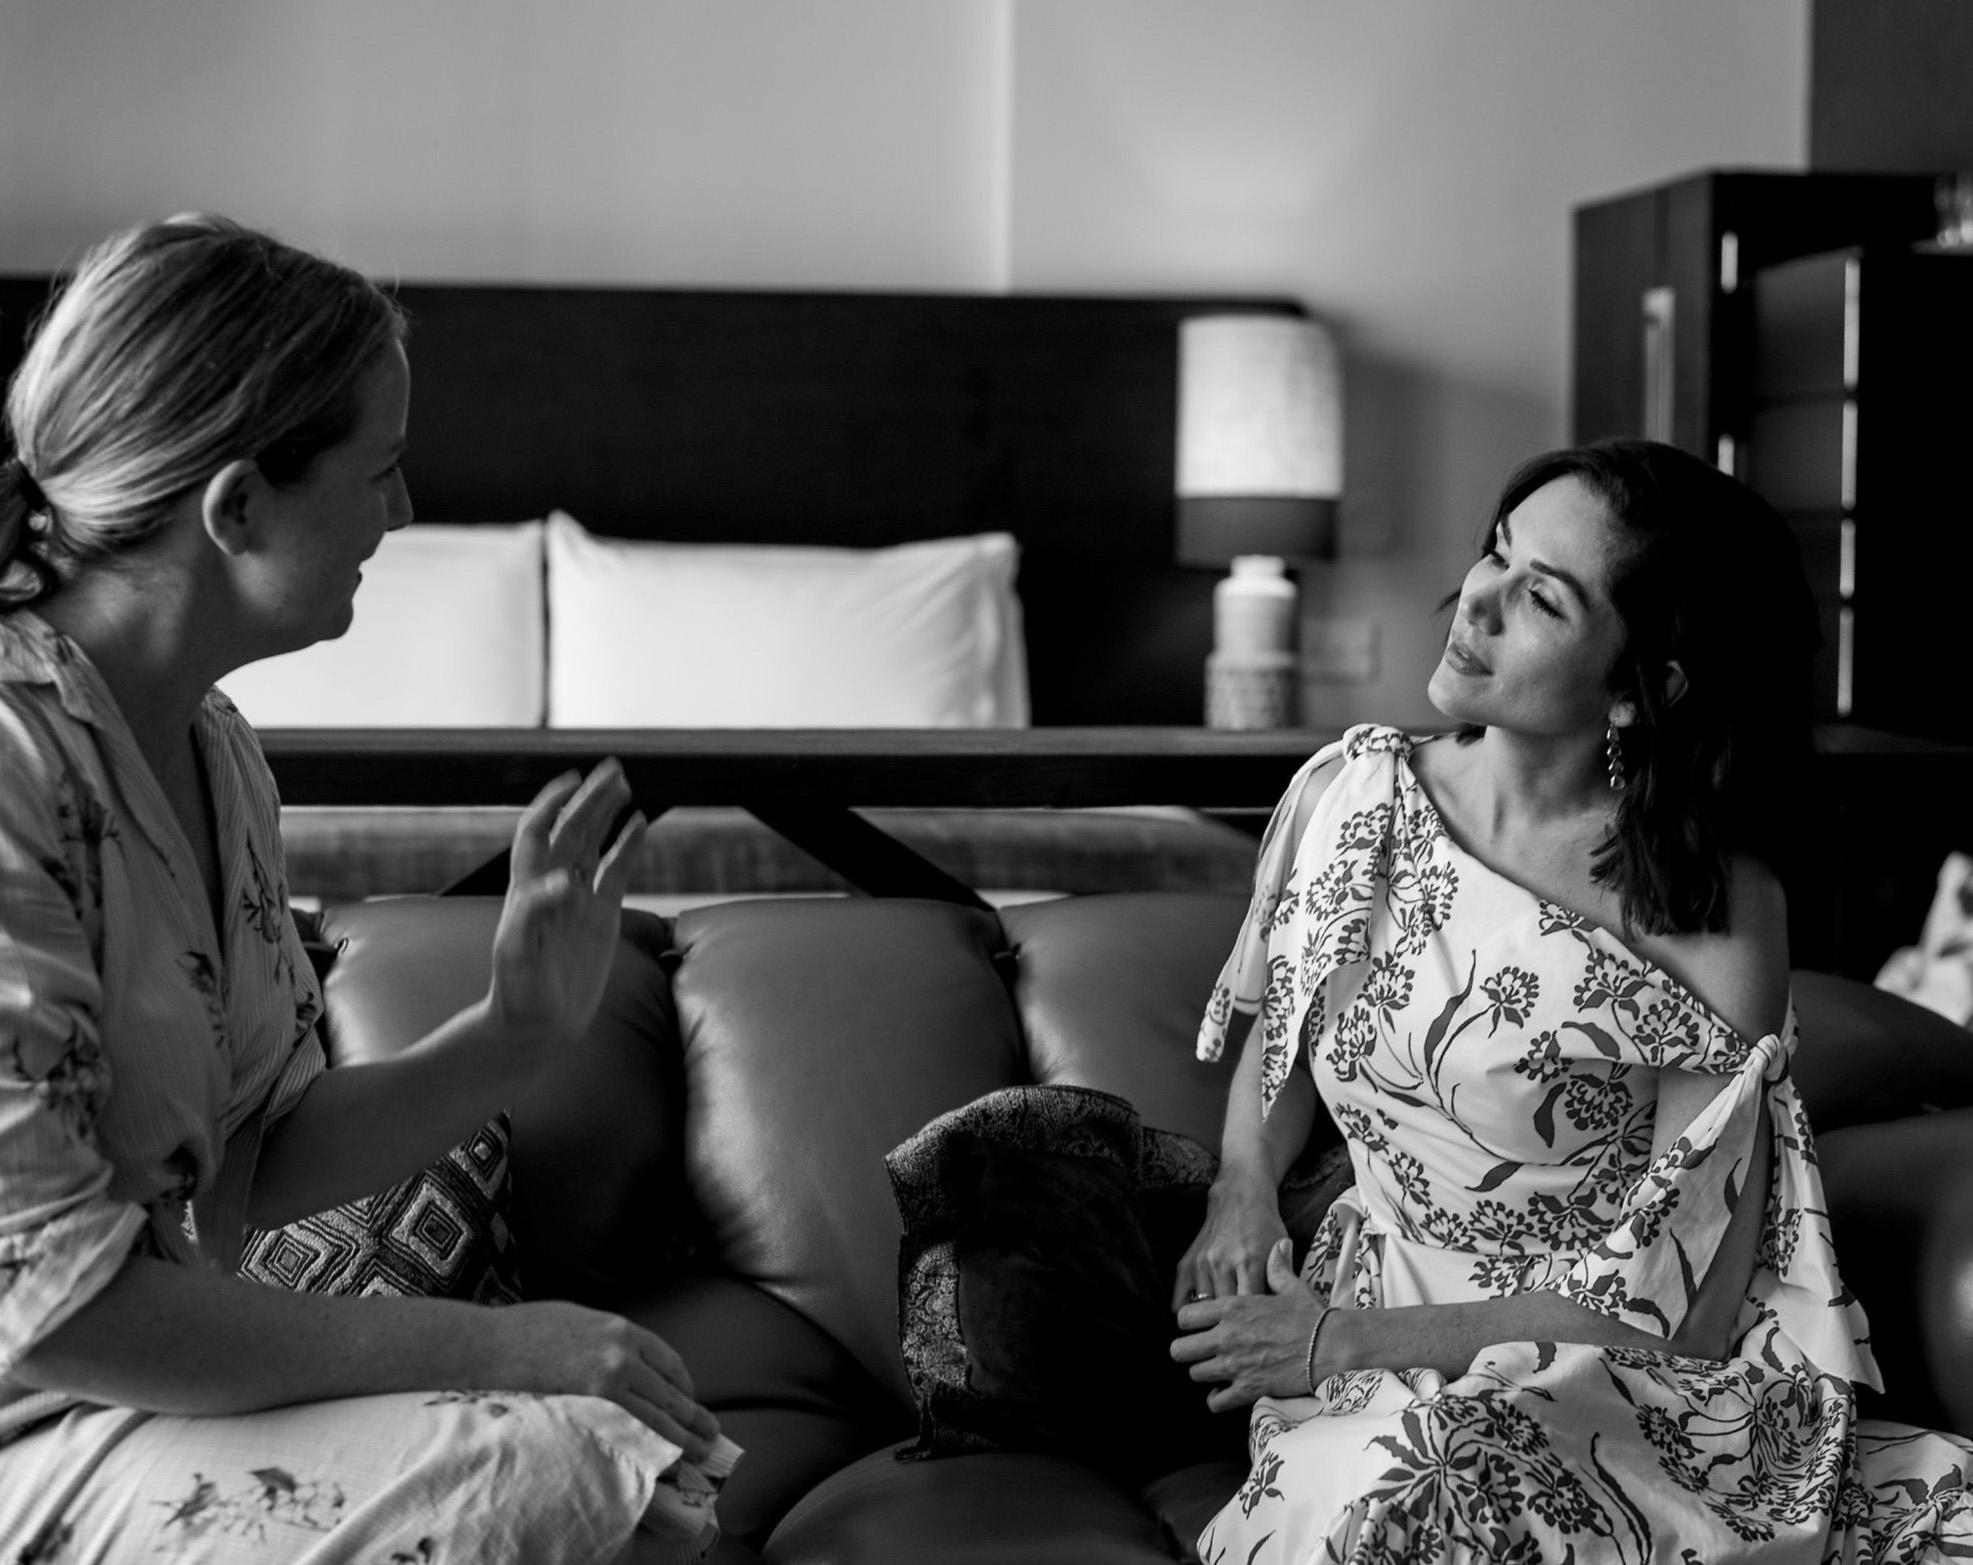 ROSE & IVY Mornings With Lela Loren Star of Power